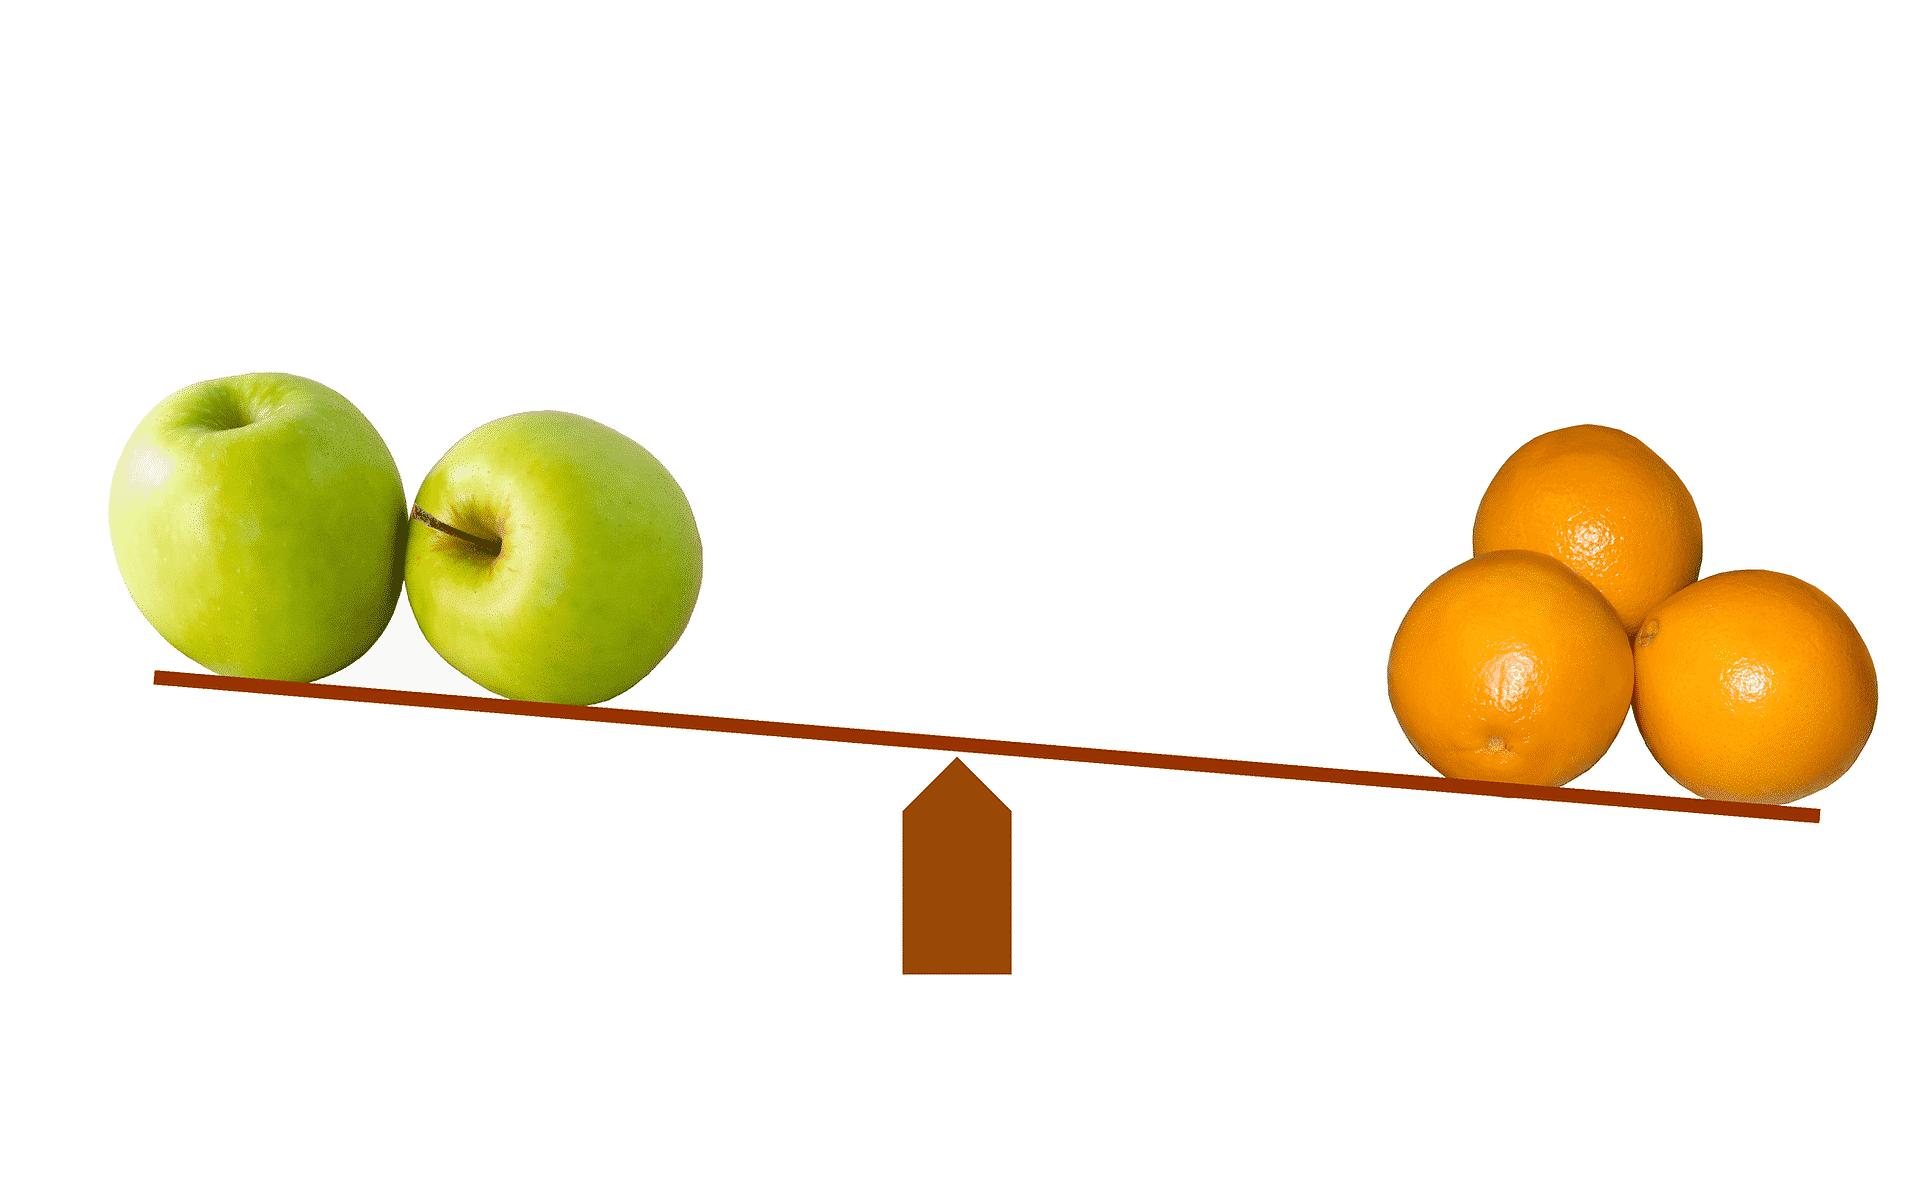 האם עדיף חברה עם התמחות בשירות אחד או סל שירותי שיווק רחב?